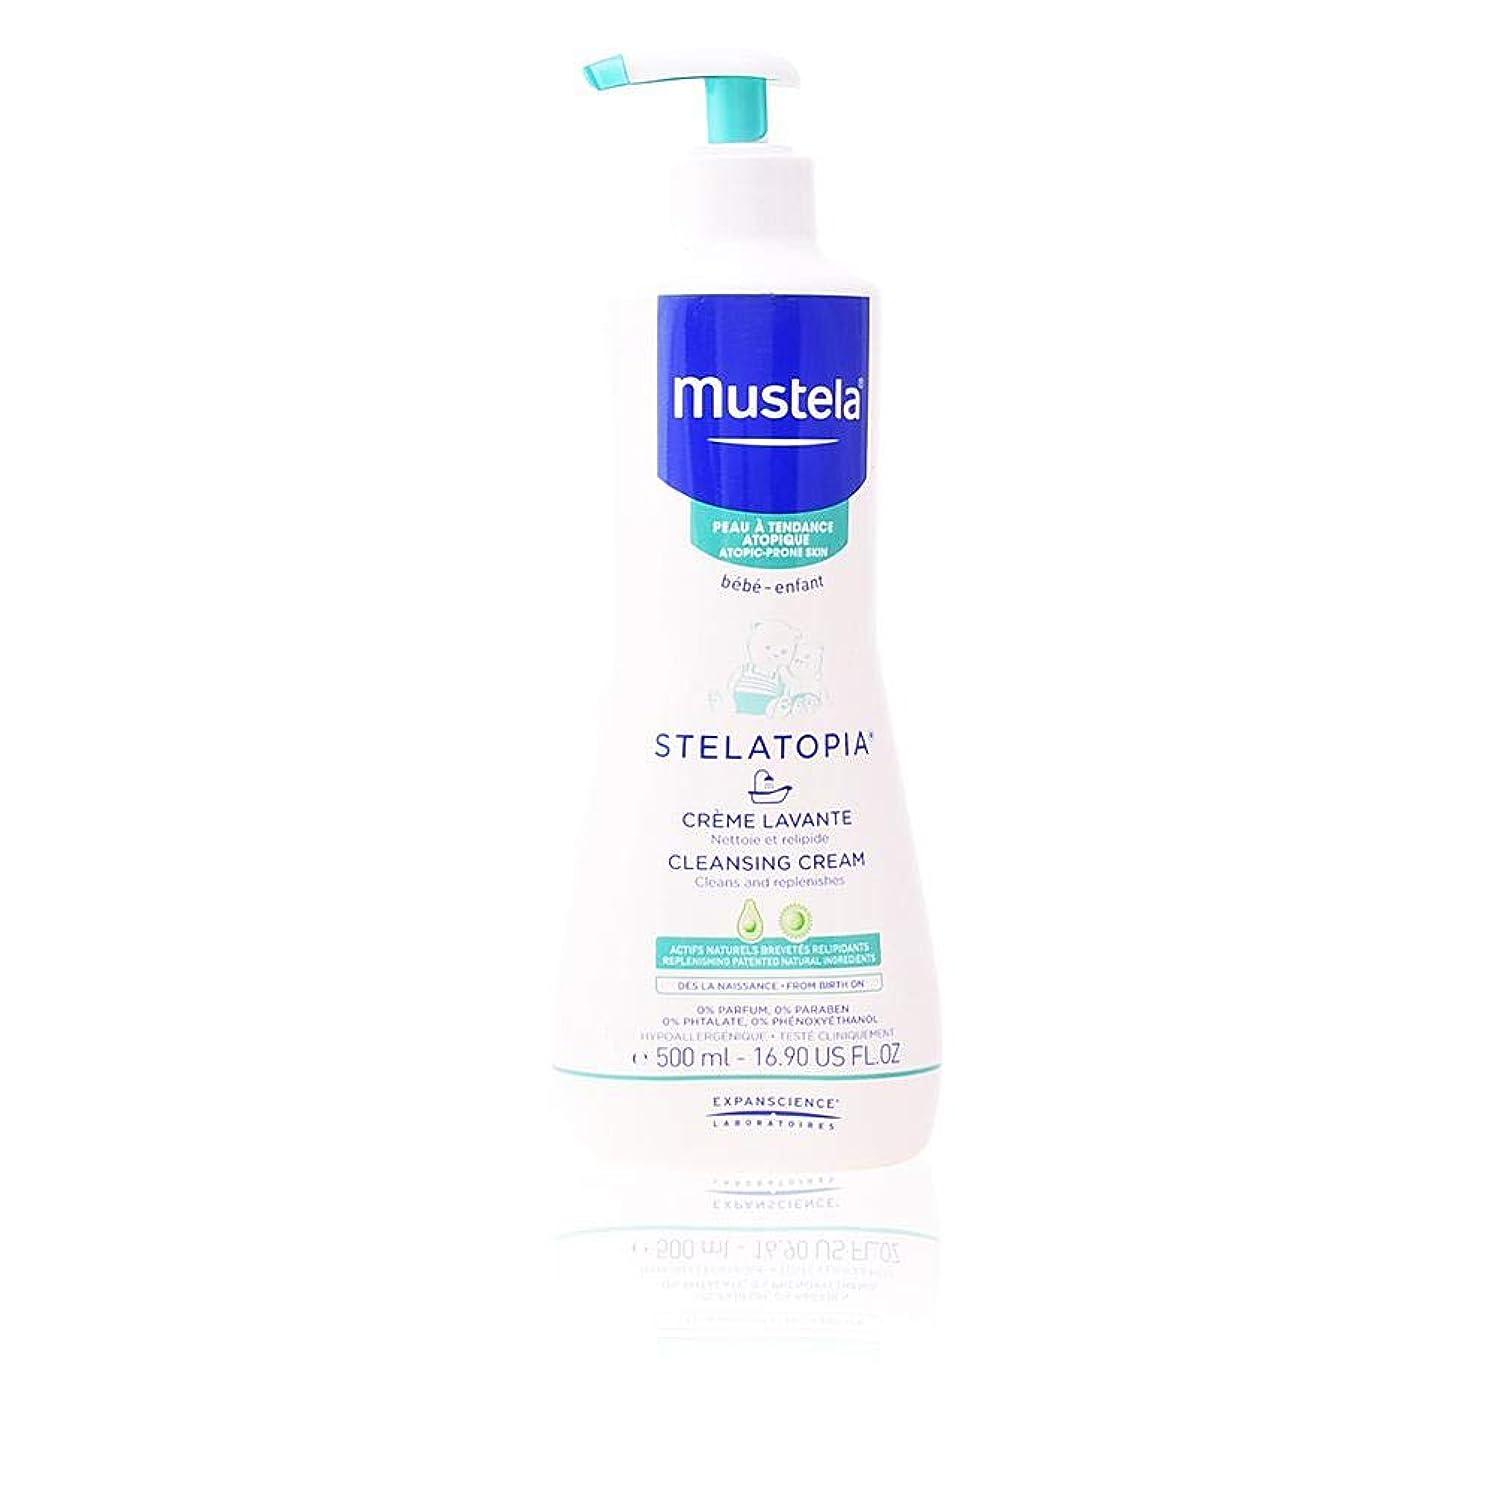 意気消沈した自己尊重無限ムステラ Stelatopia Cleansing Cream - For Atopic-Prone Skin 500ml/16.9oz並行輸入品